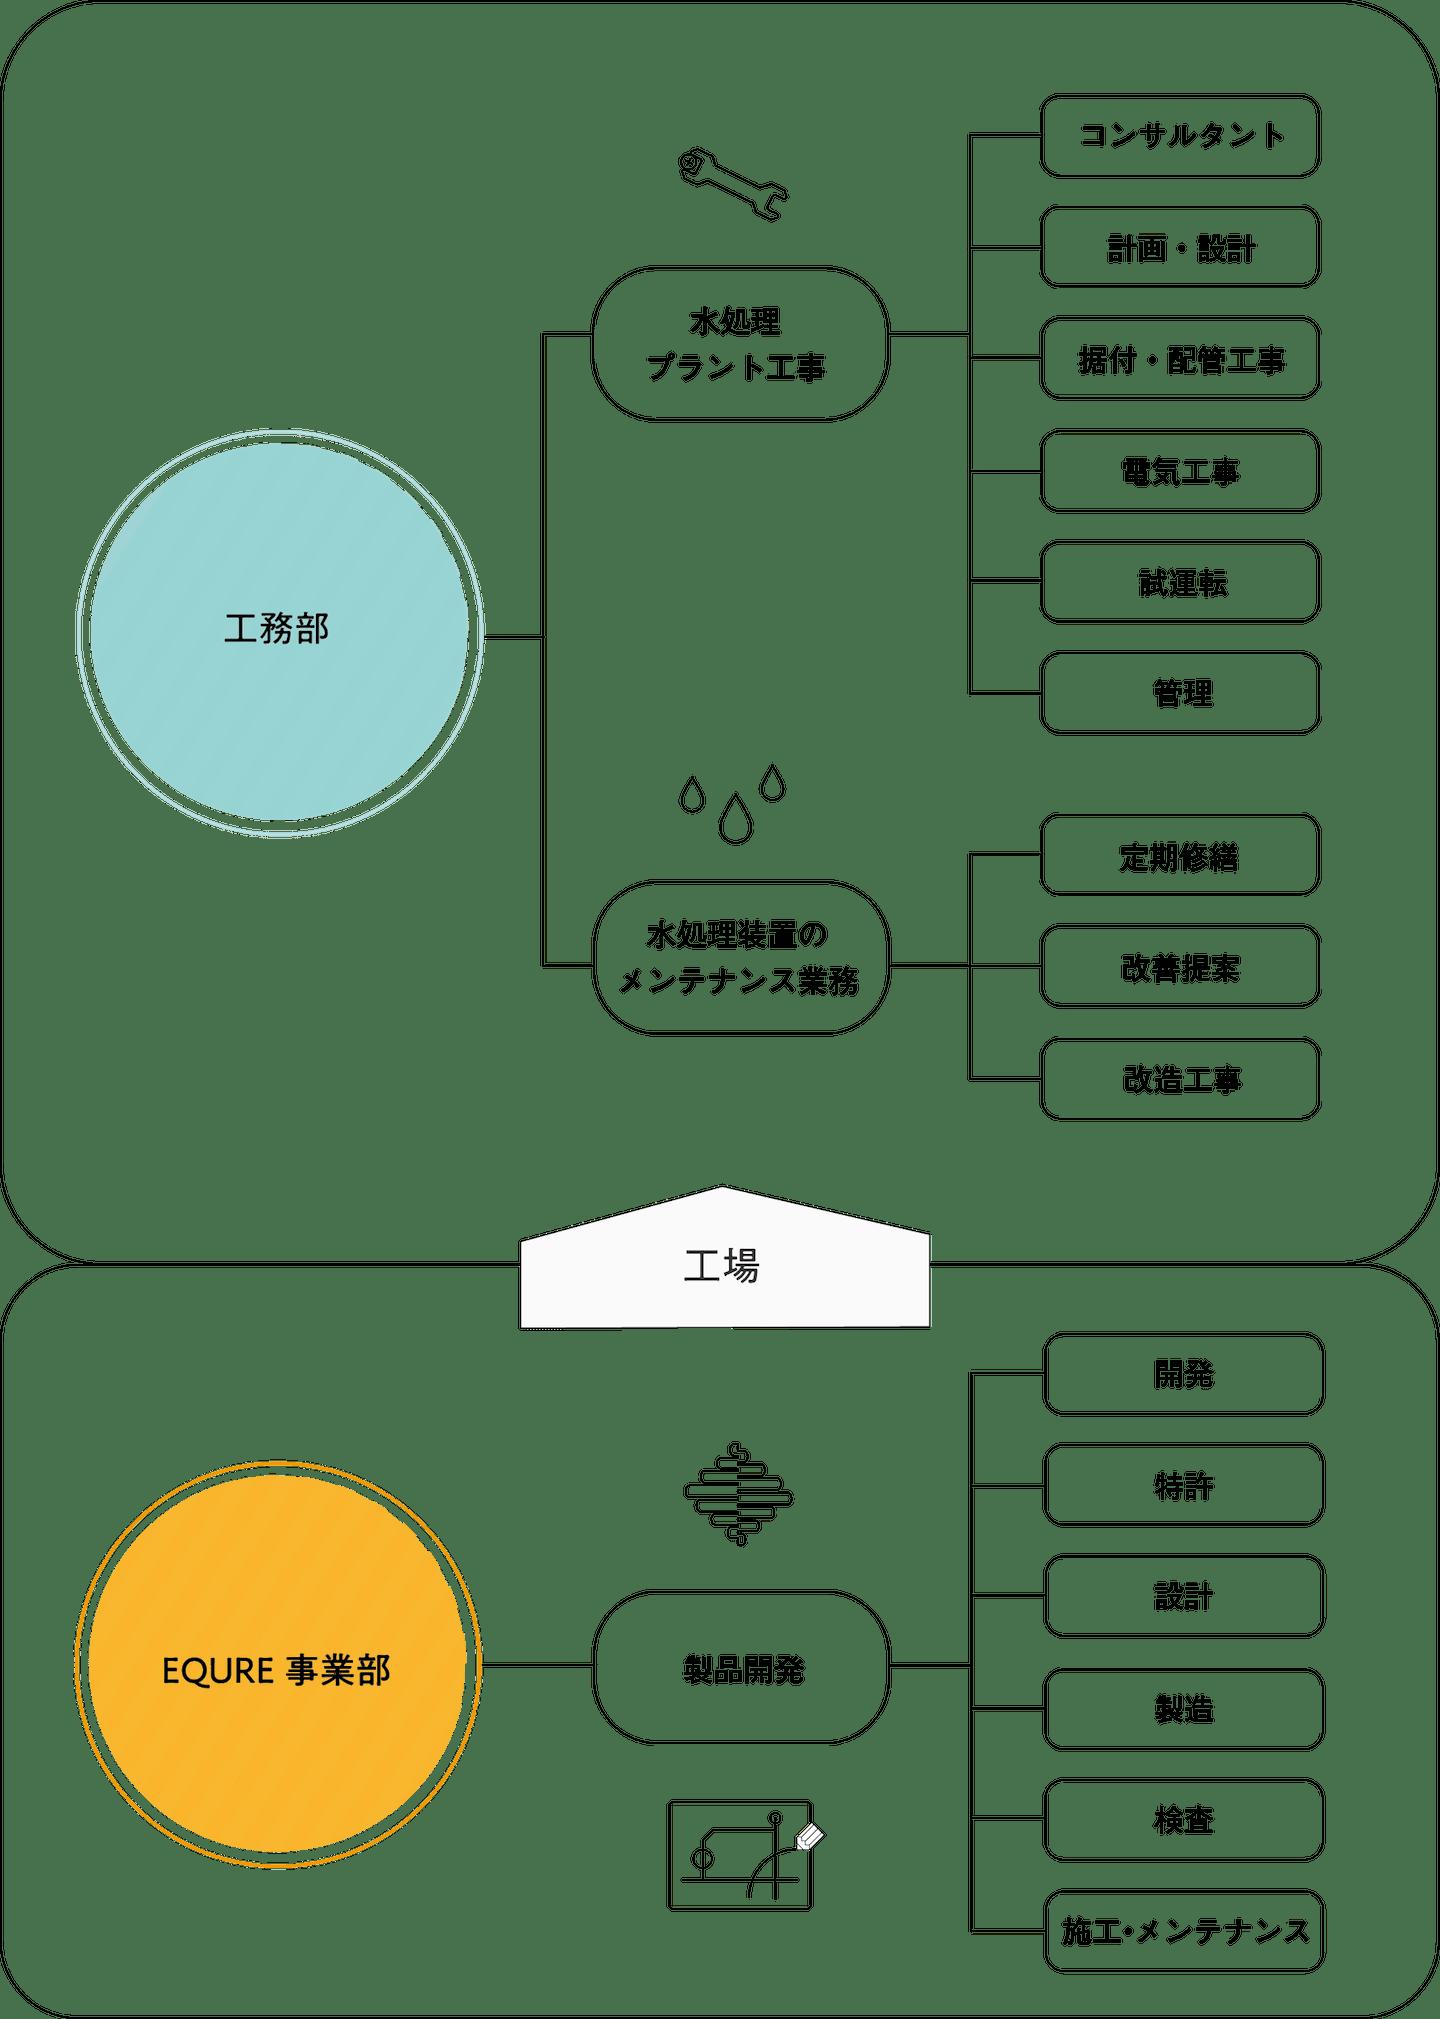 業務内容イメージ